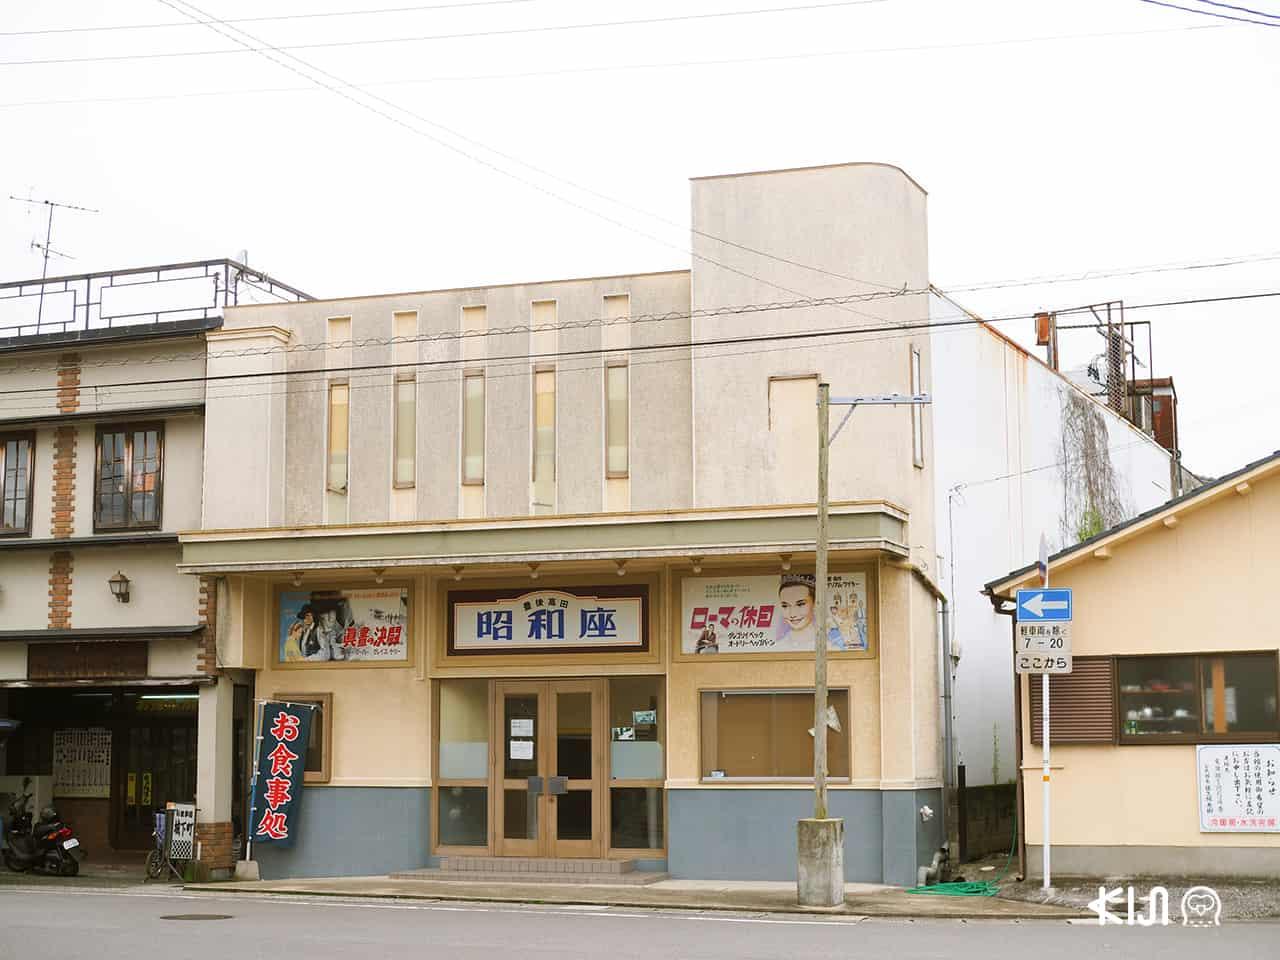 เที่ยวเมืองบุงโกะทาคาดะ (Bungotakada) จังหวัดโออิตะ (Oita)